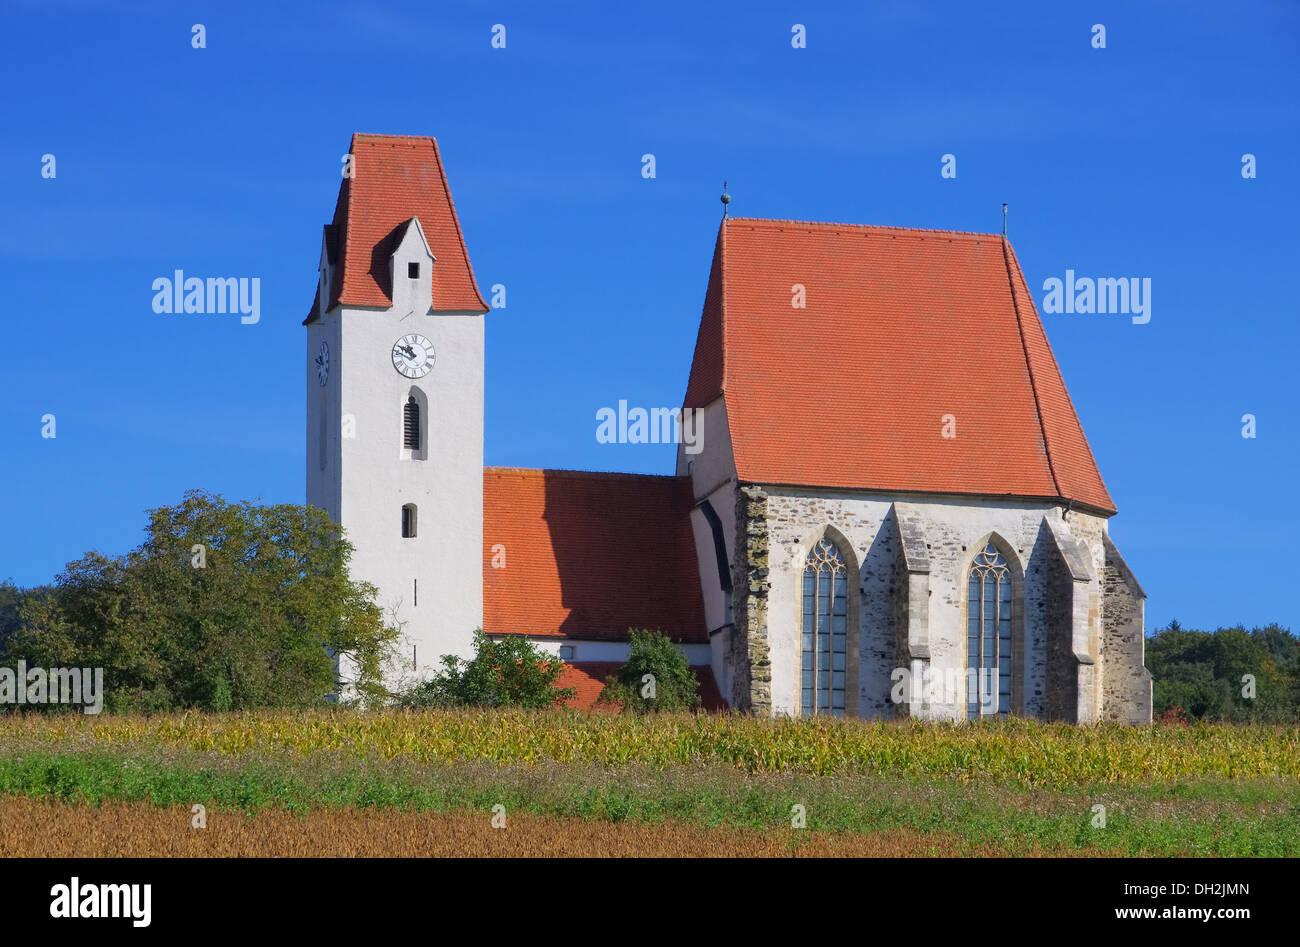 Mauer bei Melk Kirche - Mauer near Melk church 02 - Stock Image